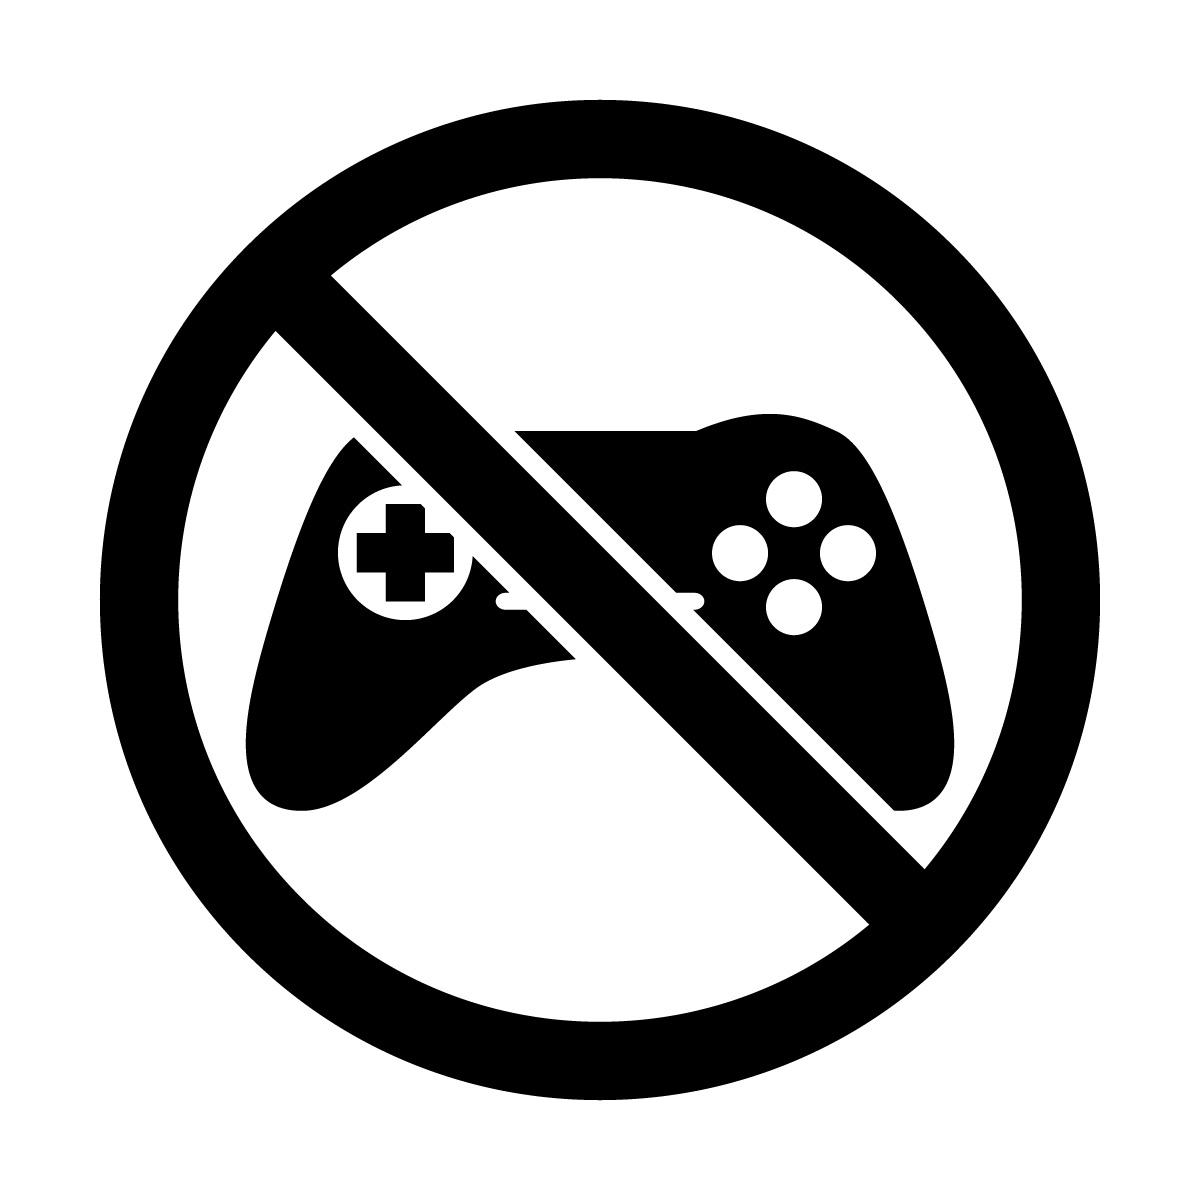 黒色のゲーム禁止マークのカッティングステッカー・シール